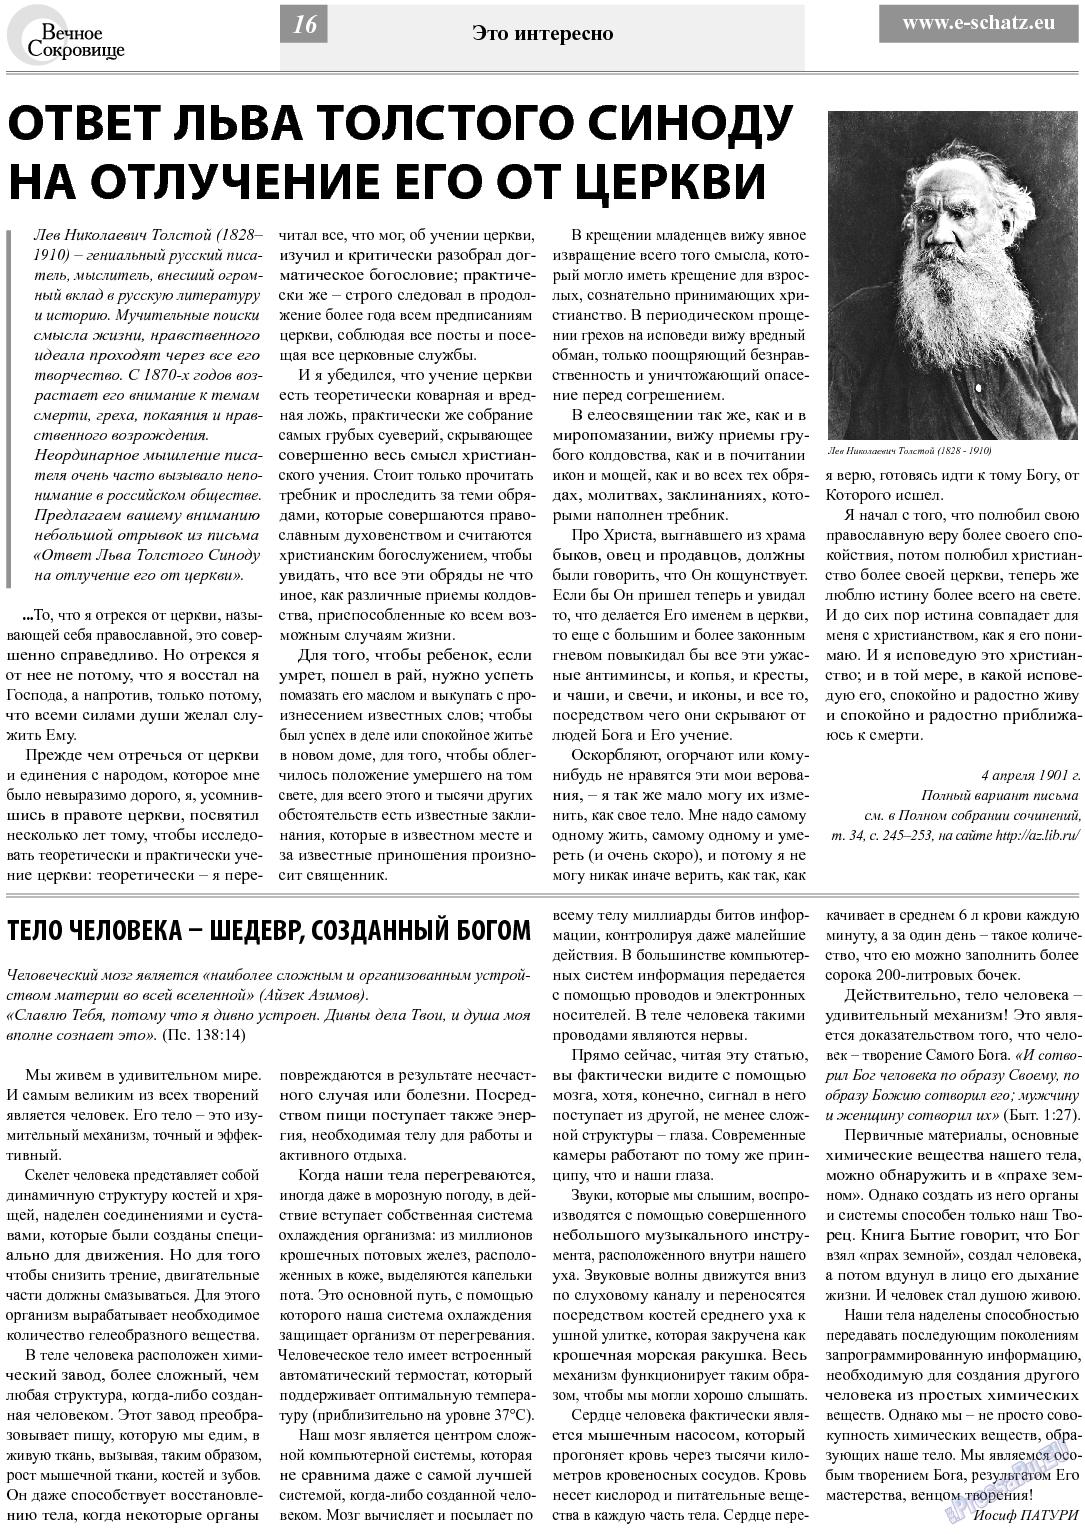 Вечное сокровище (газета). 2013 год, номер 5, стр. 16